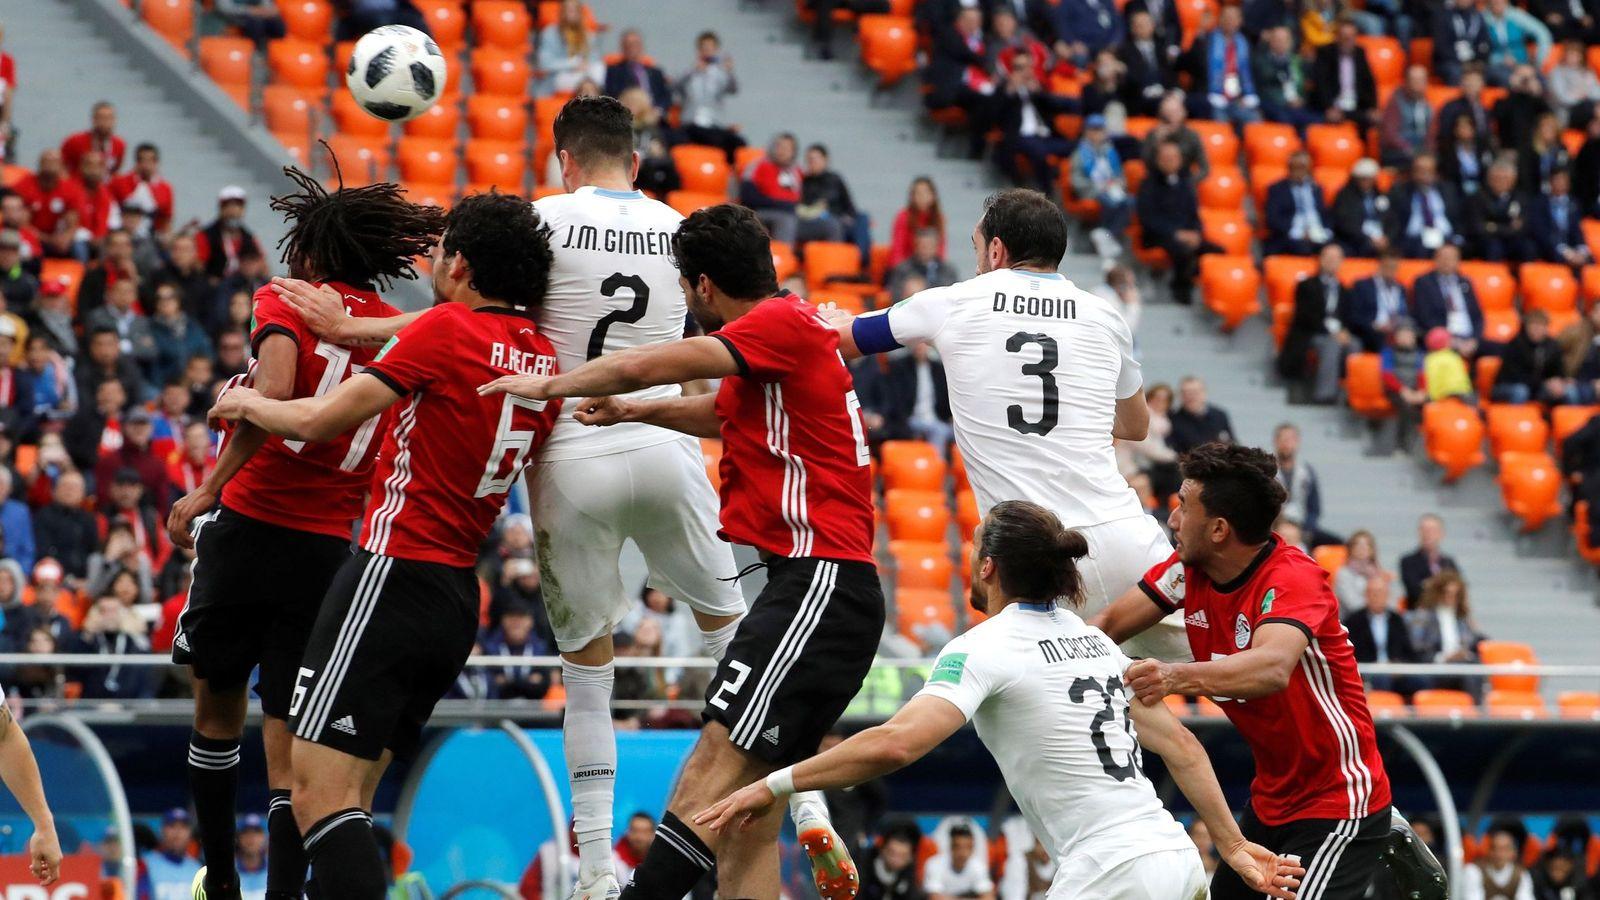 Foto: Egipto vs. uruguay